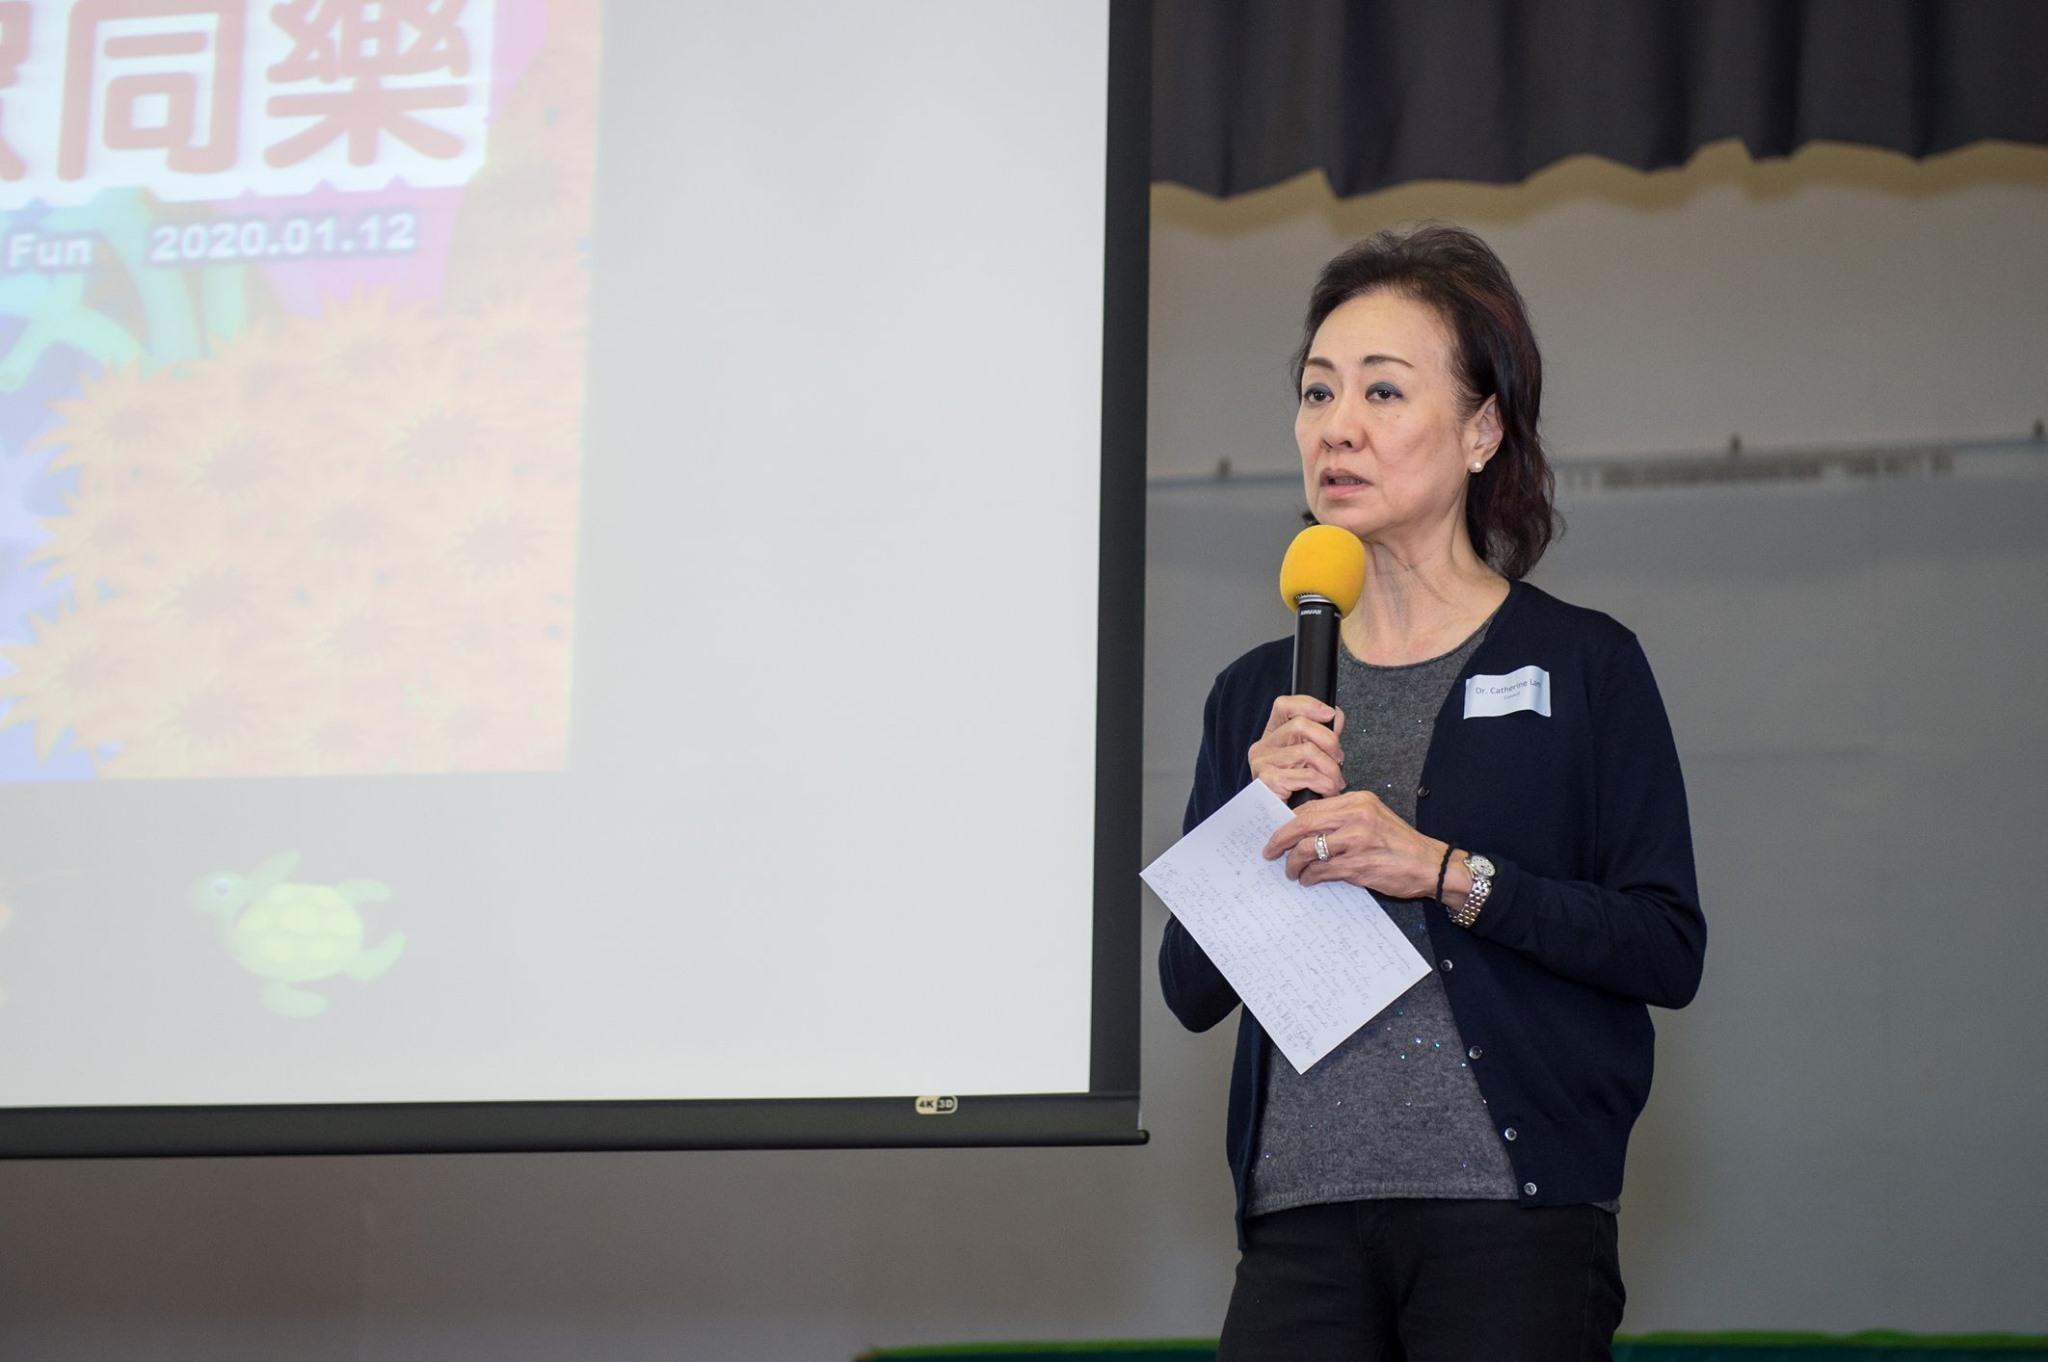 博思會副主席藍芷芊醫生致開幕詞